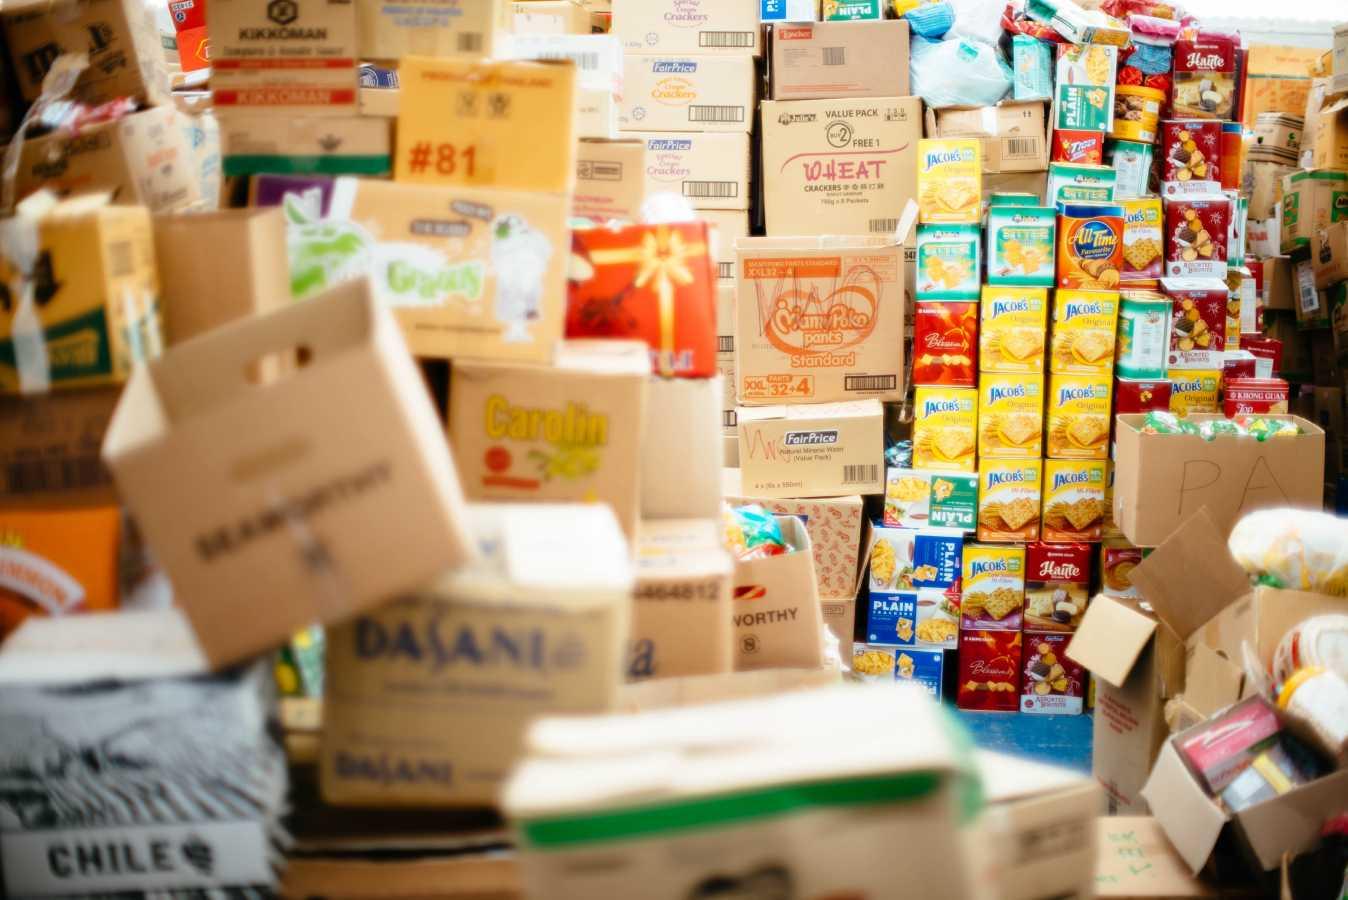 ♻️ Kompanija z Ukraїny vypustyla biorozkladni pakety dlja produktiv ta smittja